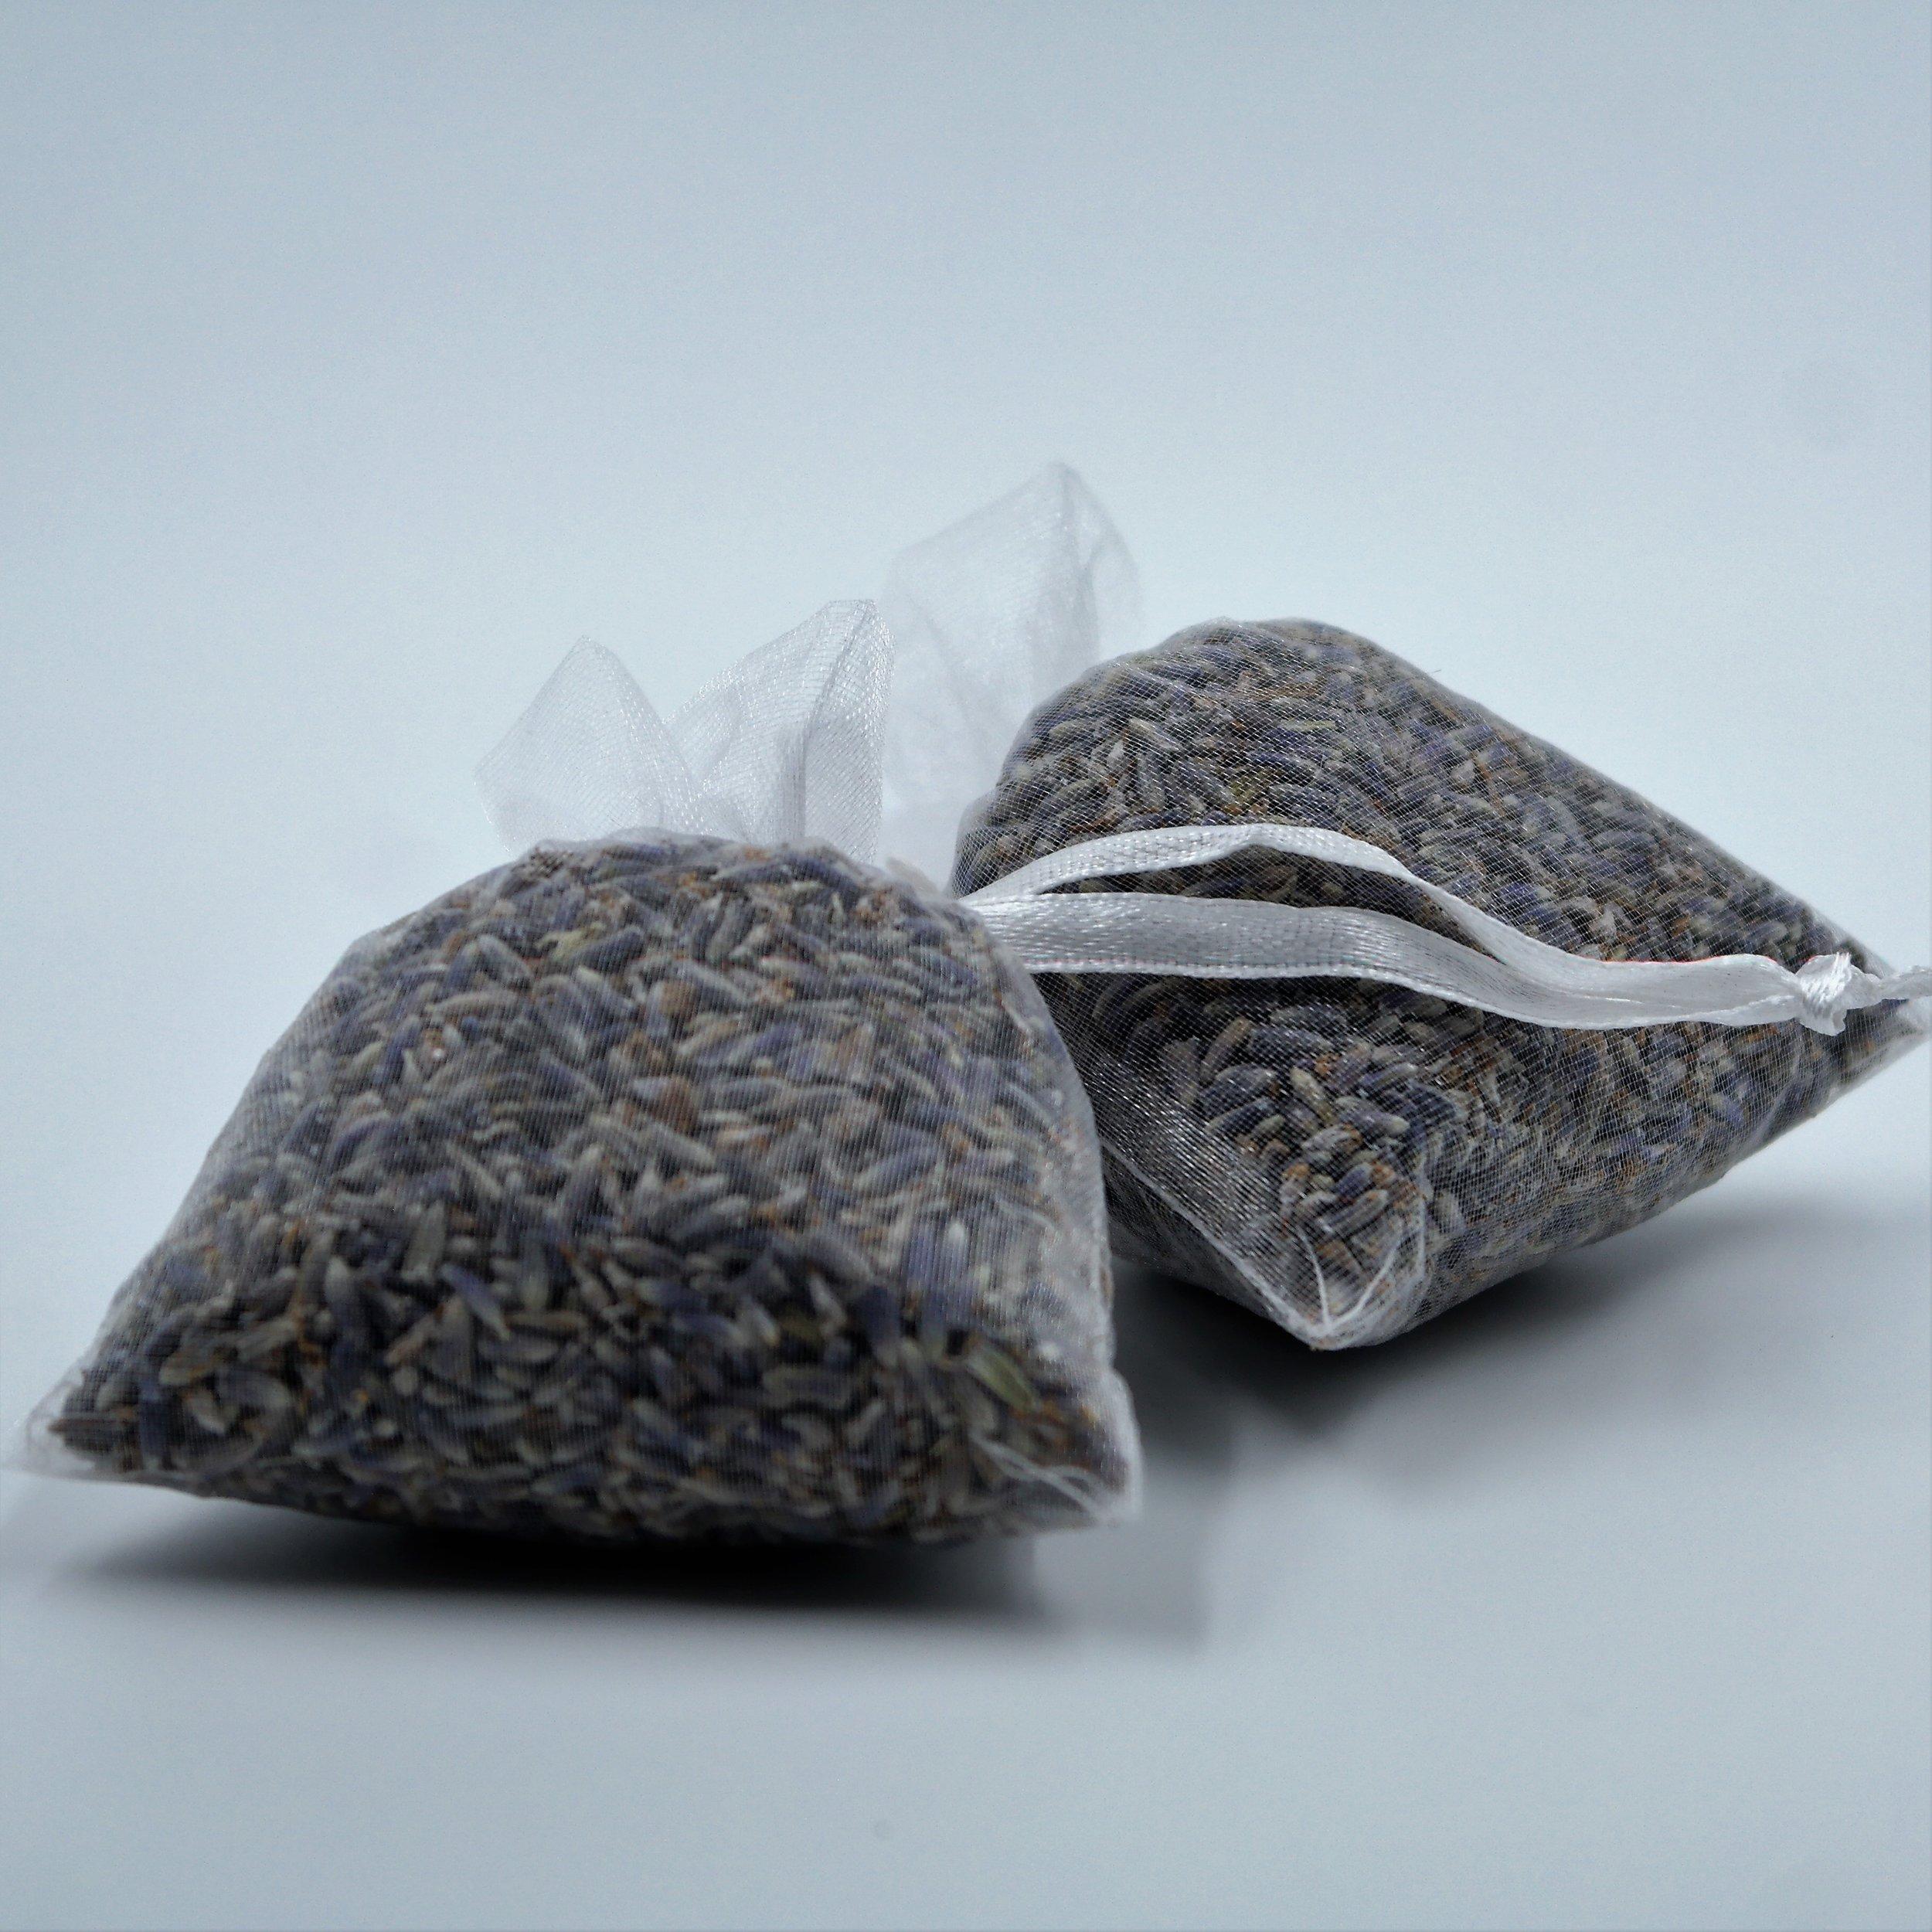 Lavender Sachet - $5